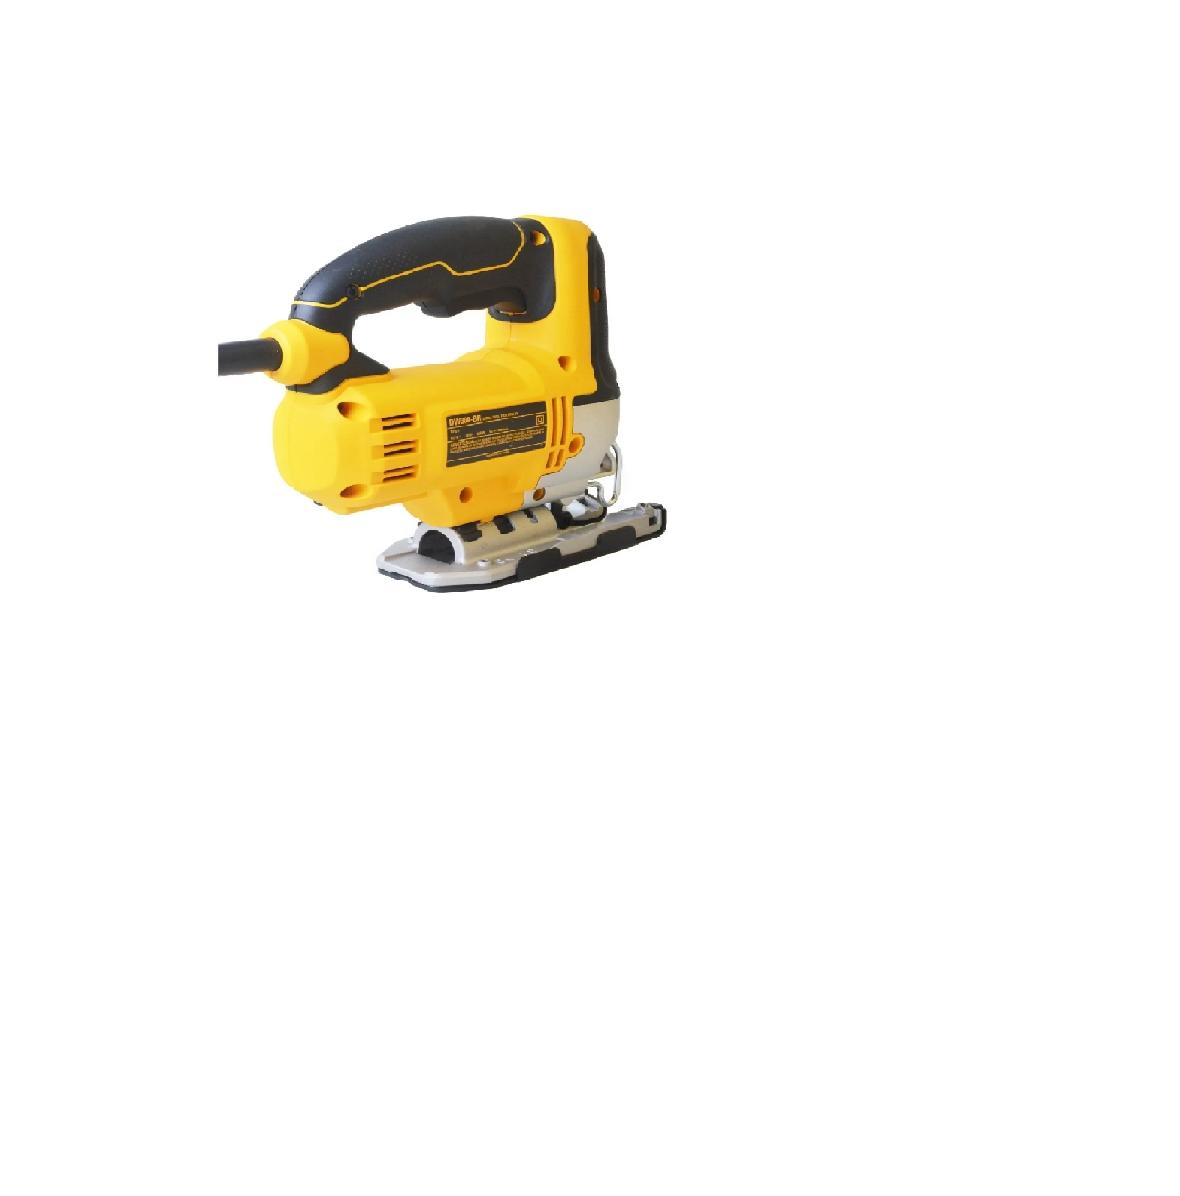 Serra Tico Tico  DW300 B2 500W -220V / ref 50220